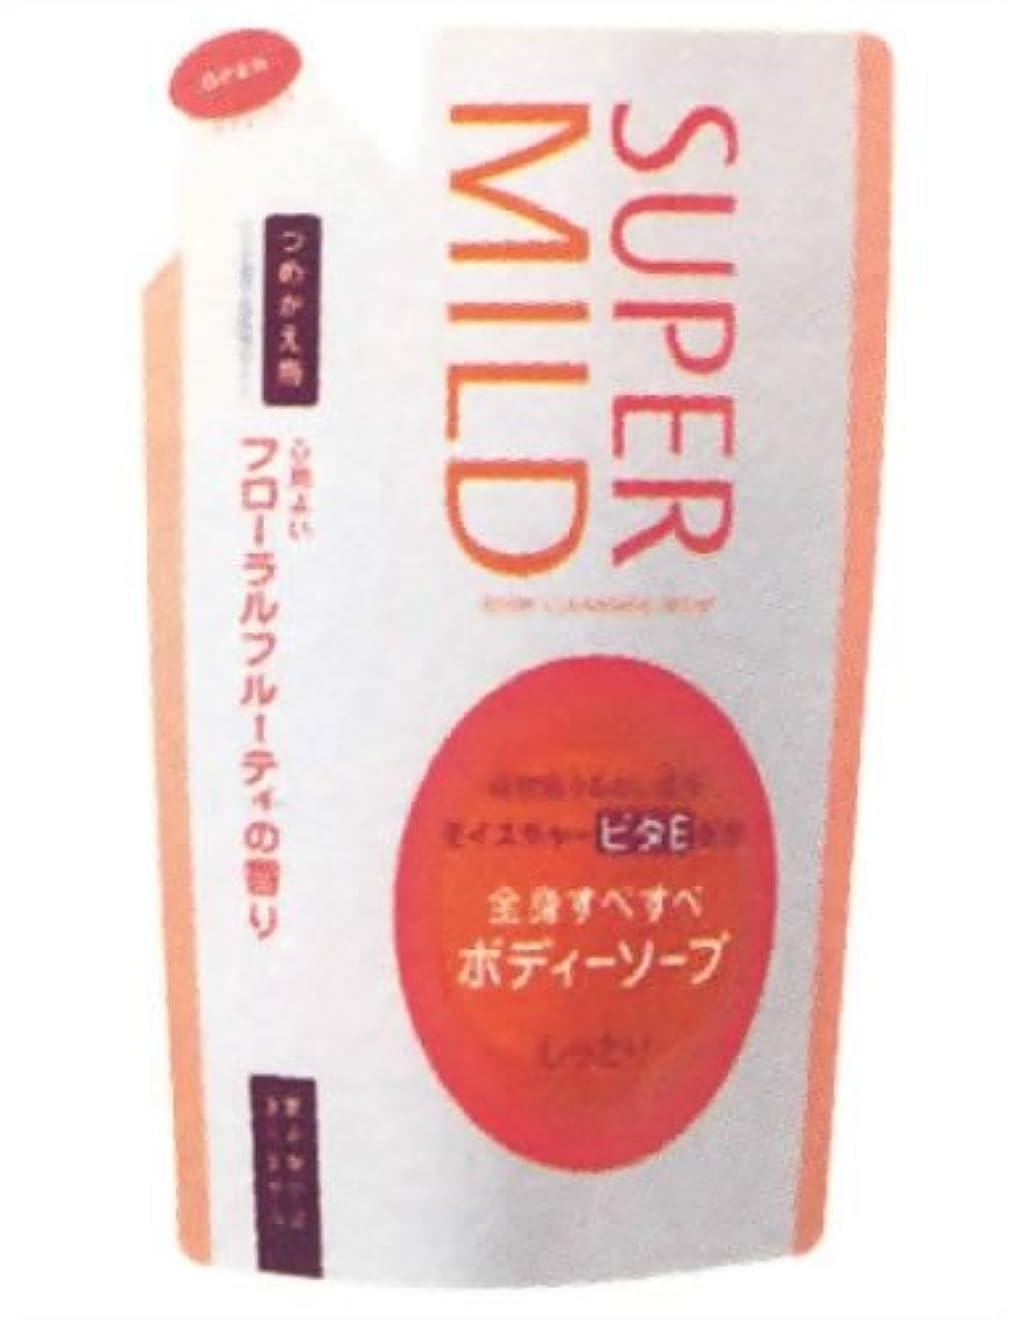 穀物創傷ロックスーパーマイルドボディソープ(しっとり)つめかえ フローラルフルーティの香り 500ml